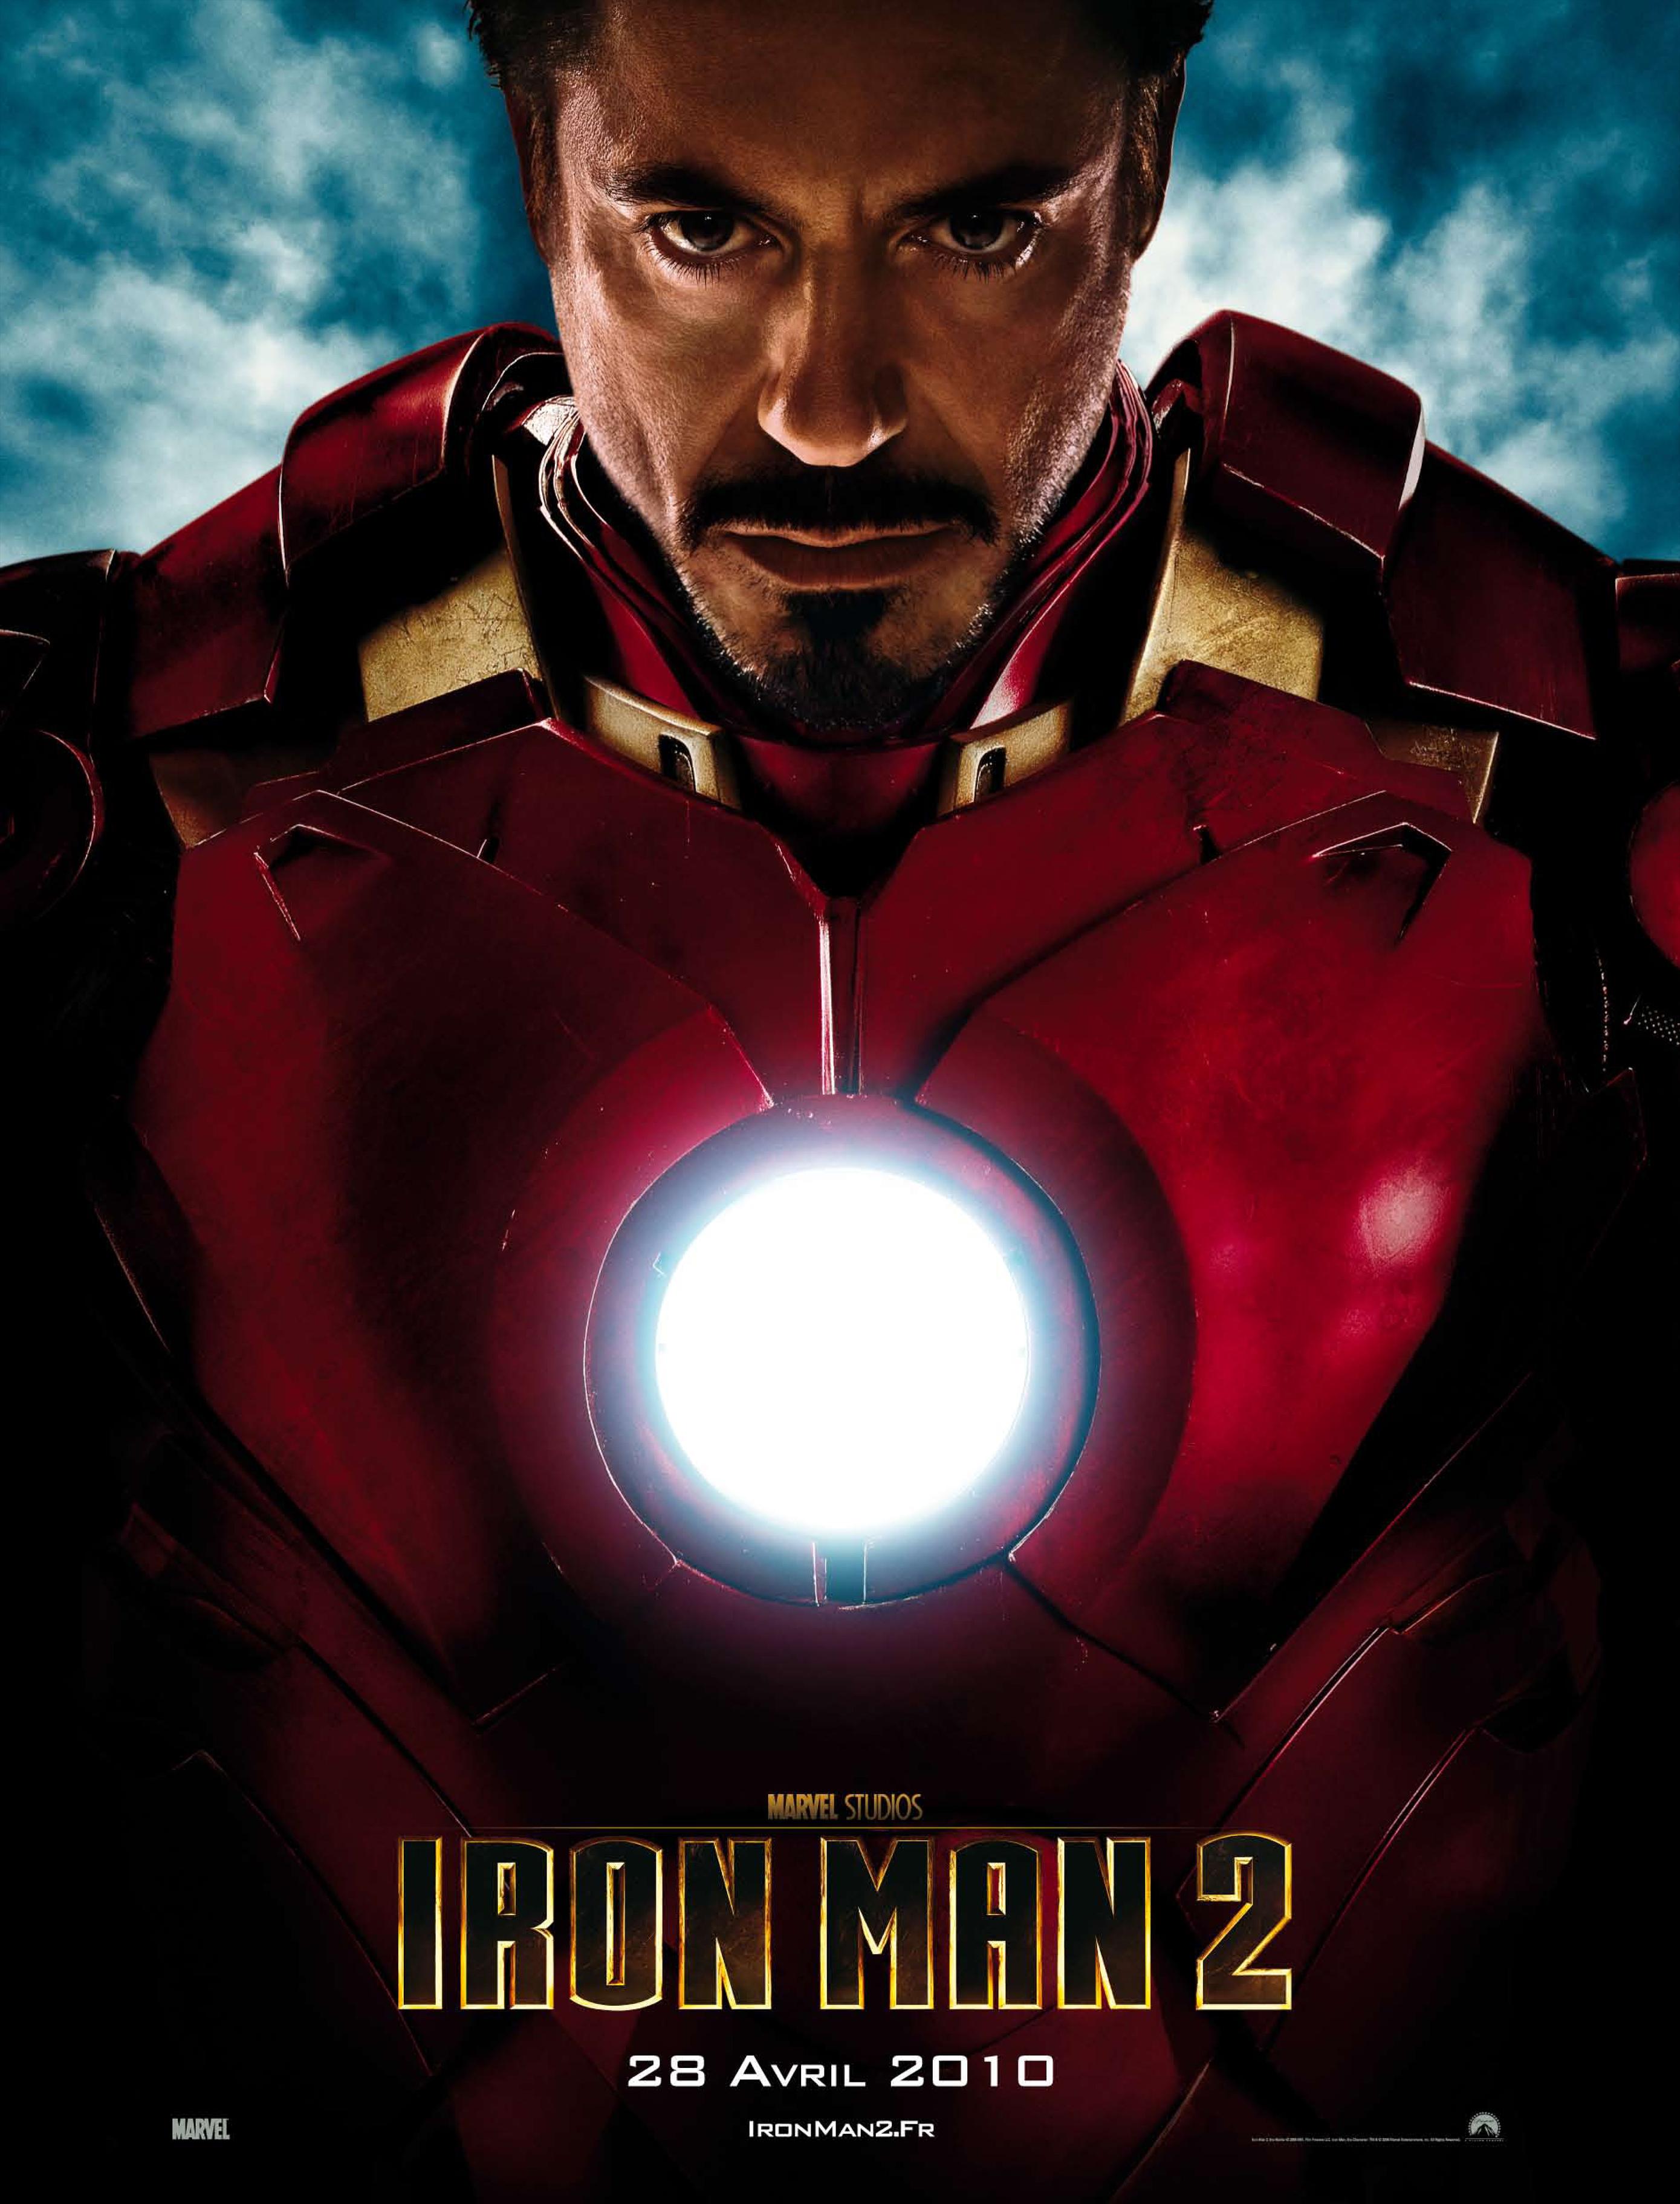 iron man 2 movie image 6 Iron Man 2: non solo armature e esplosioni